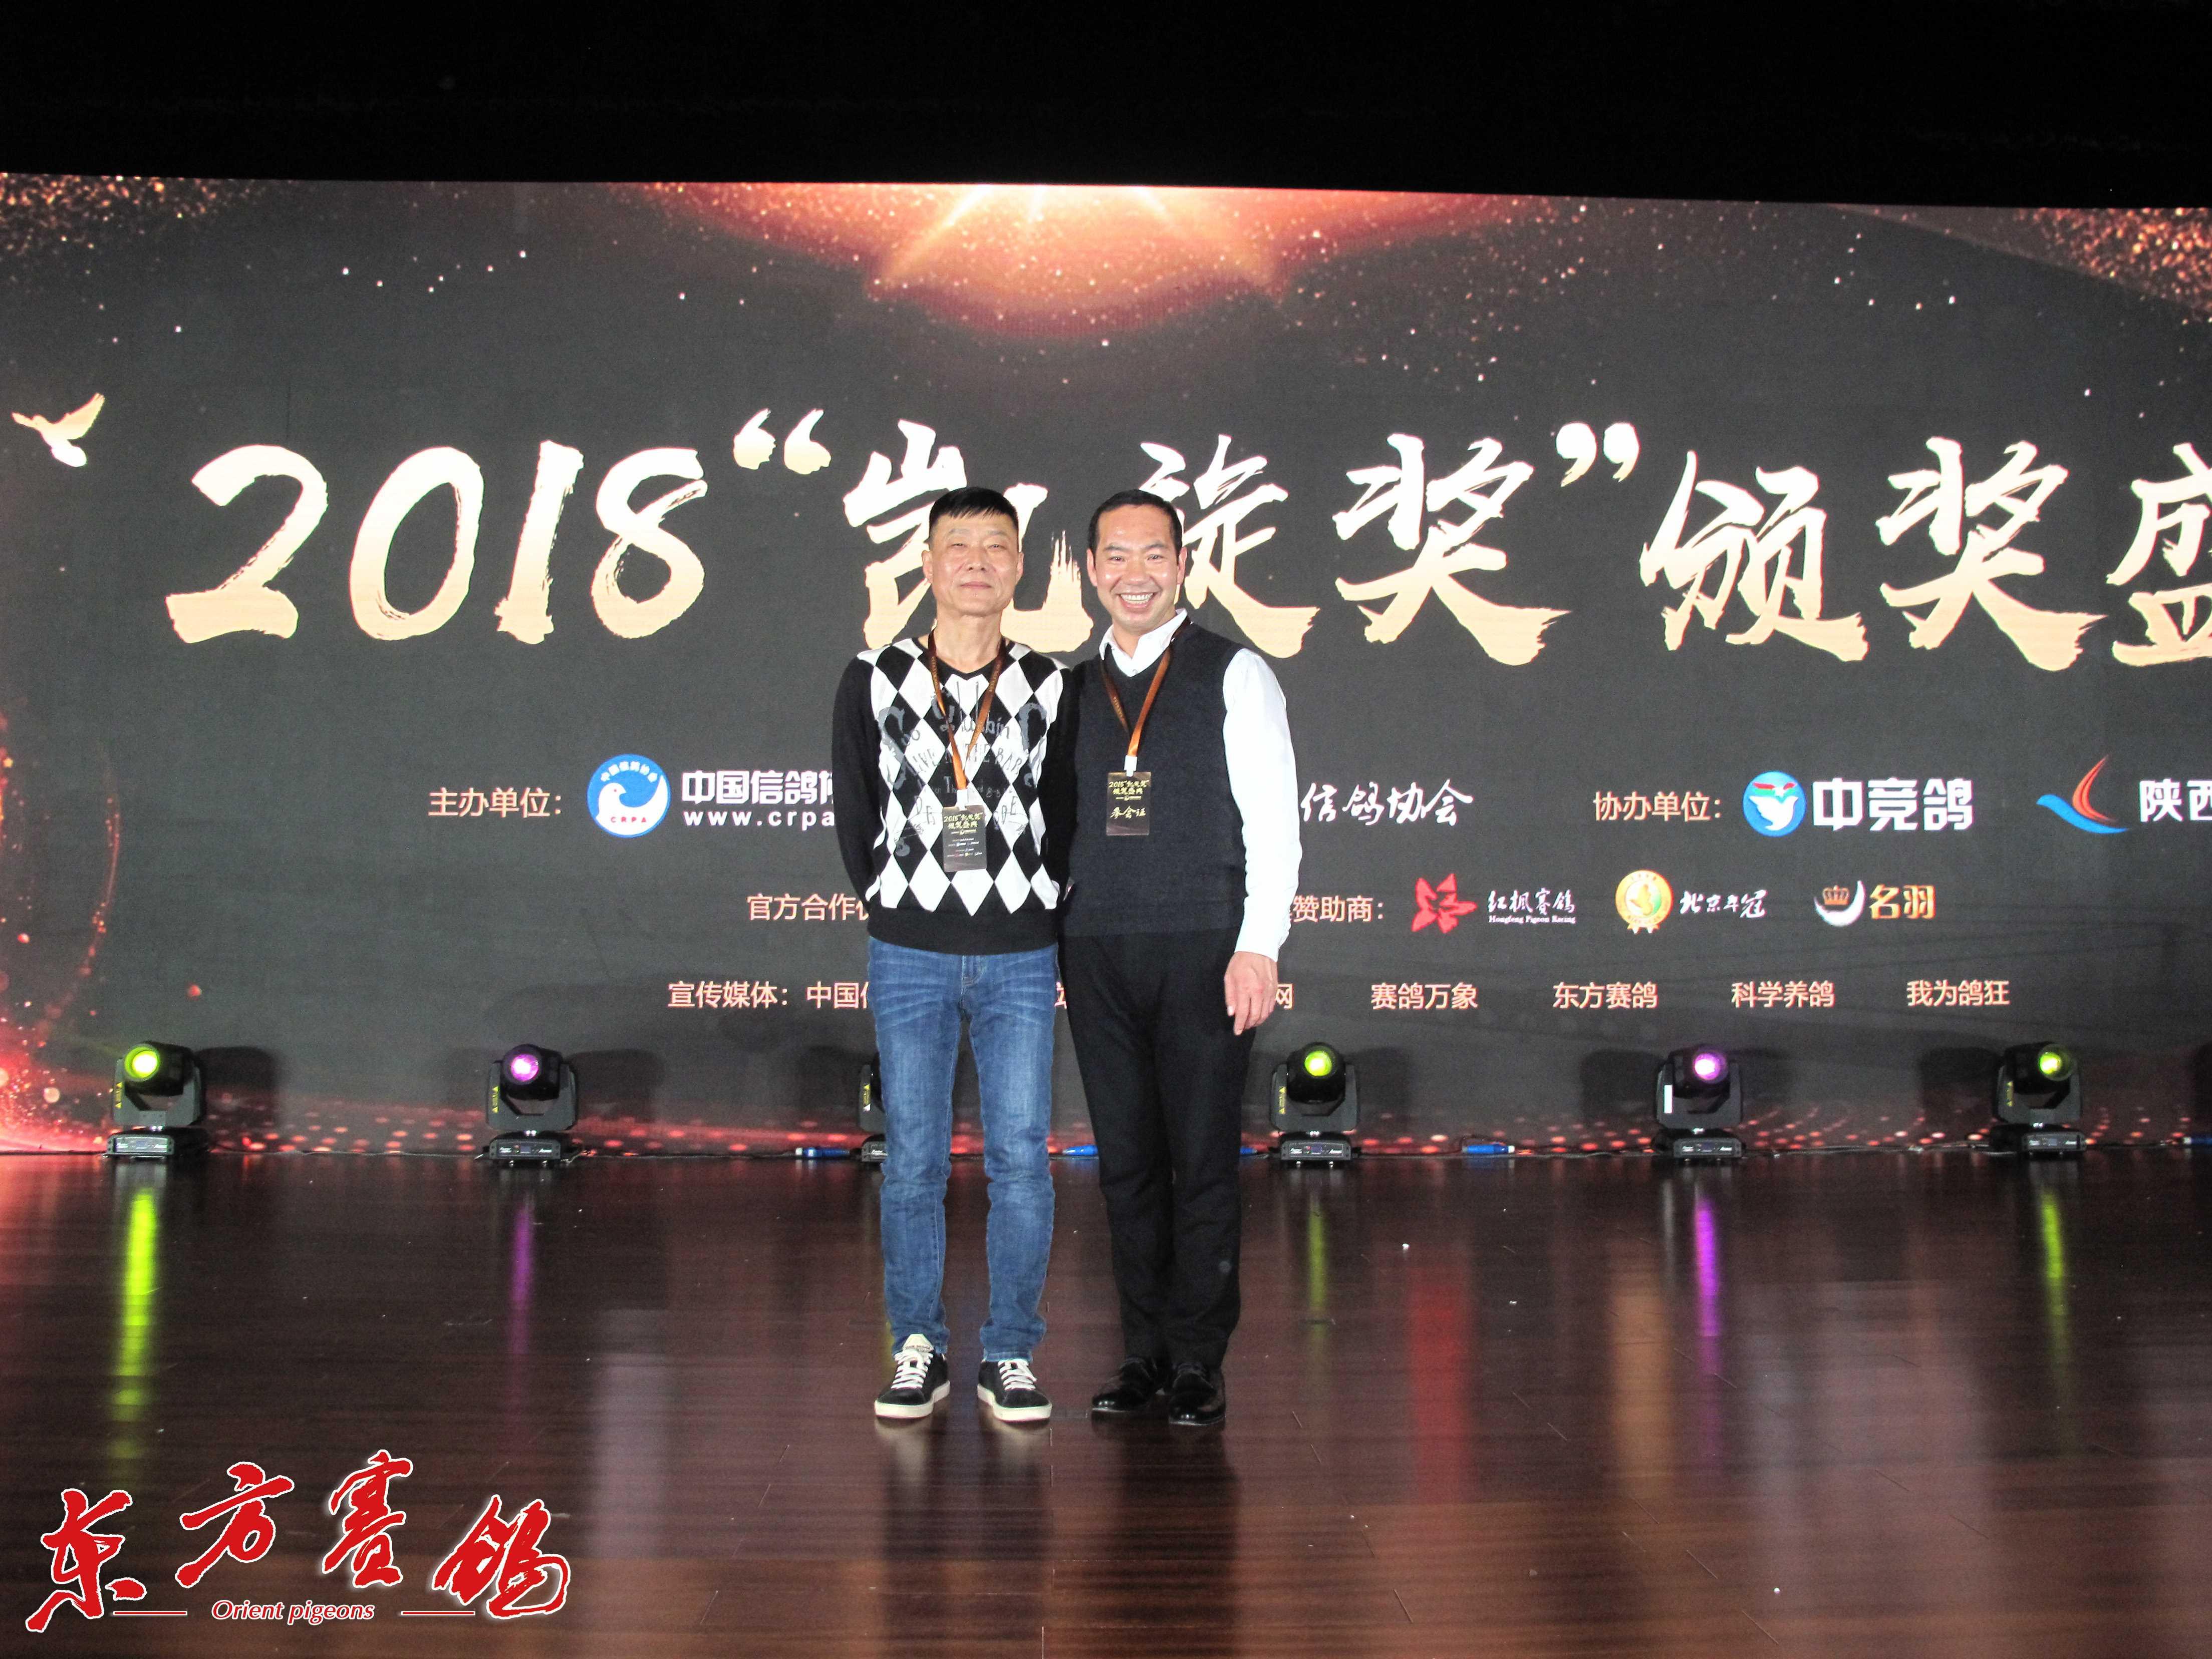 18.北京华顺德公棚董事长张志刚-右和代表合影。